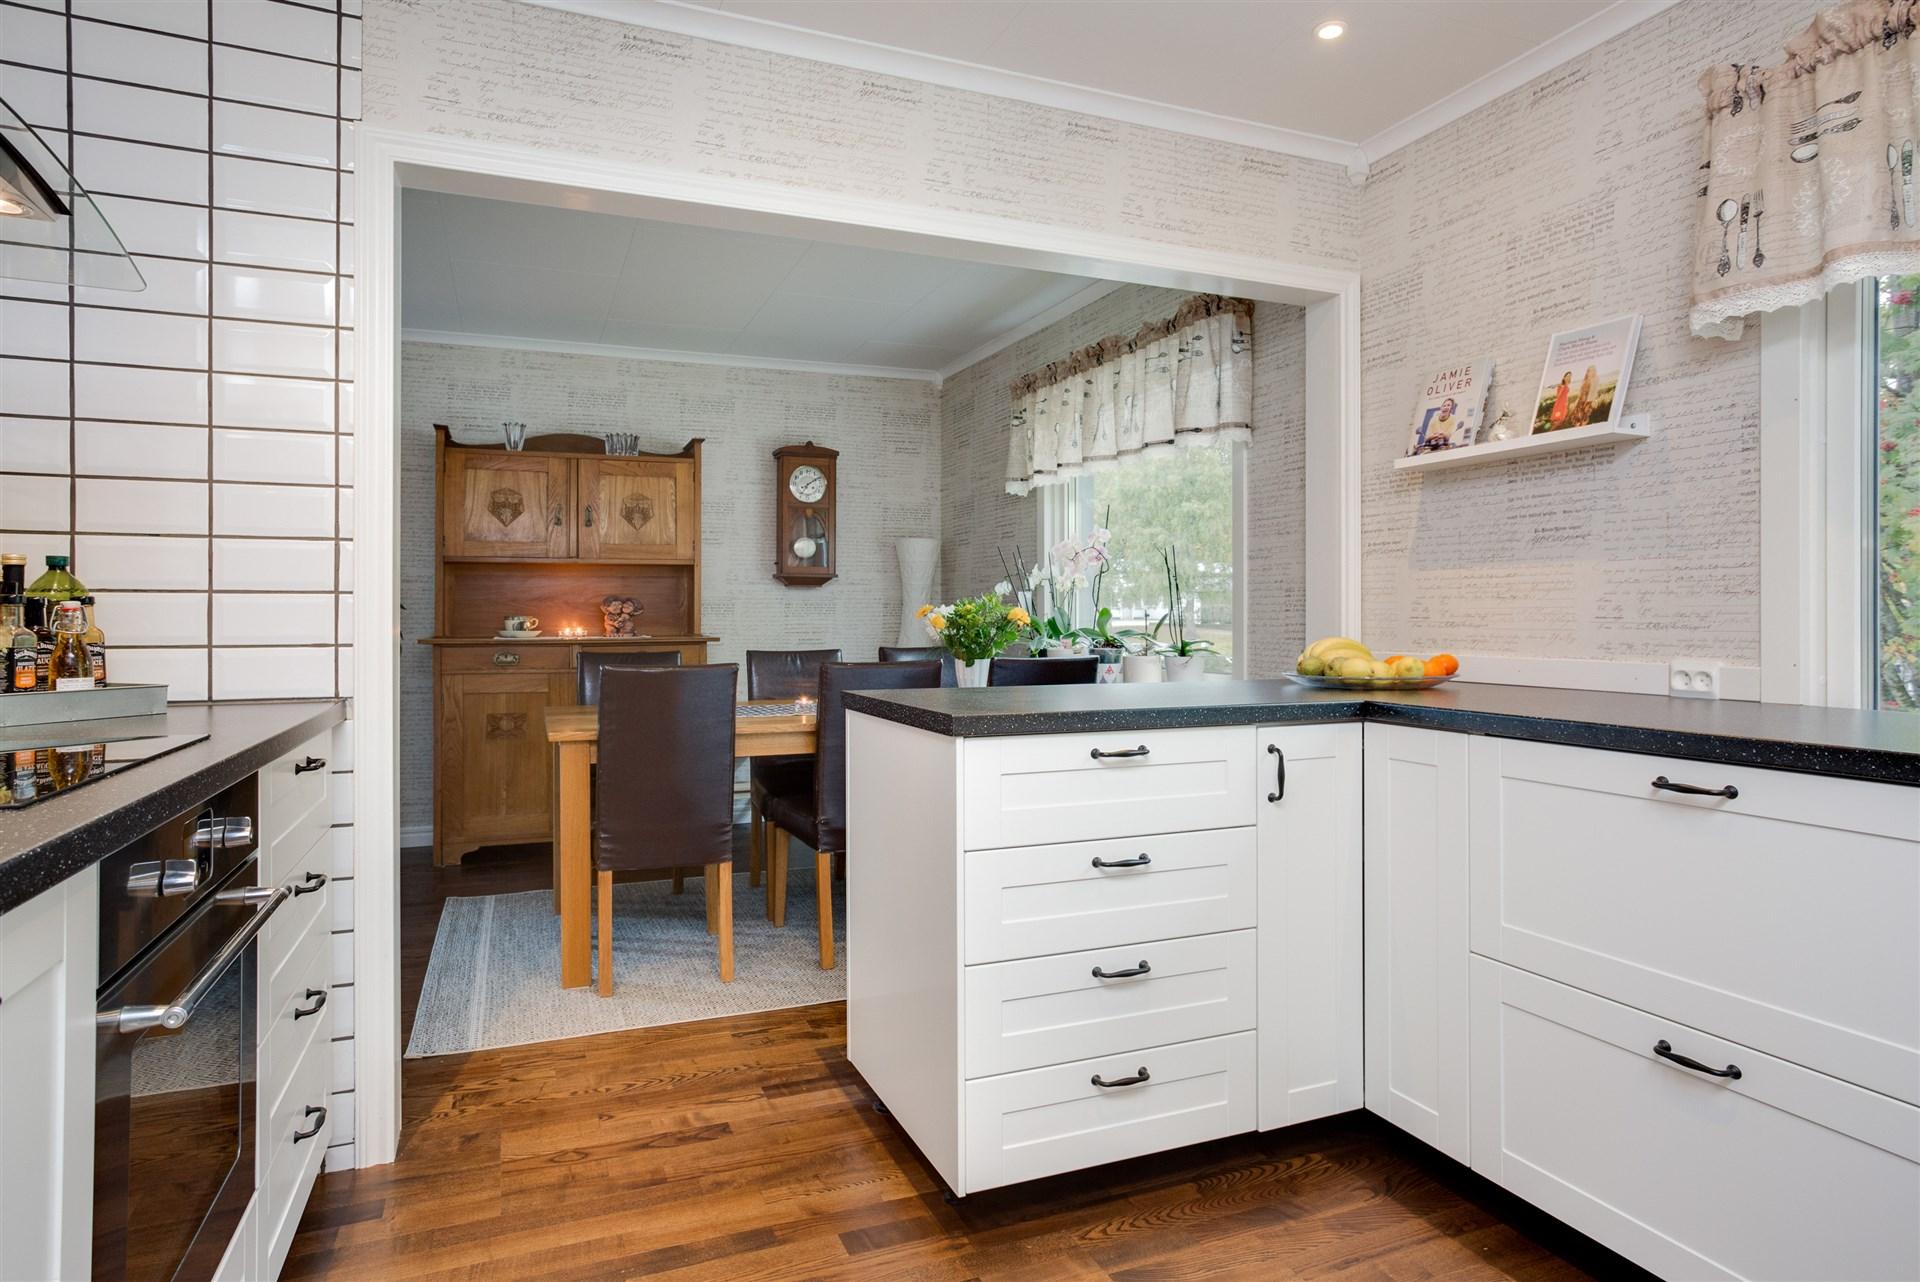 Öppning mellan kök och matplats/vardagsrum.